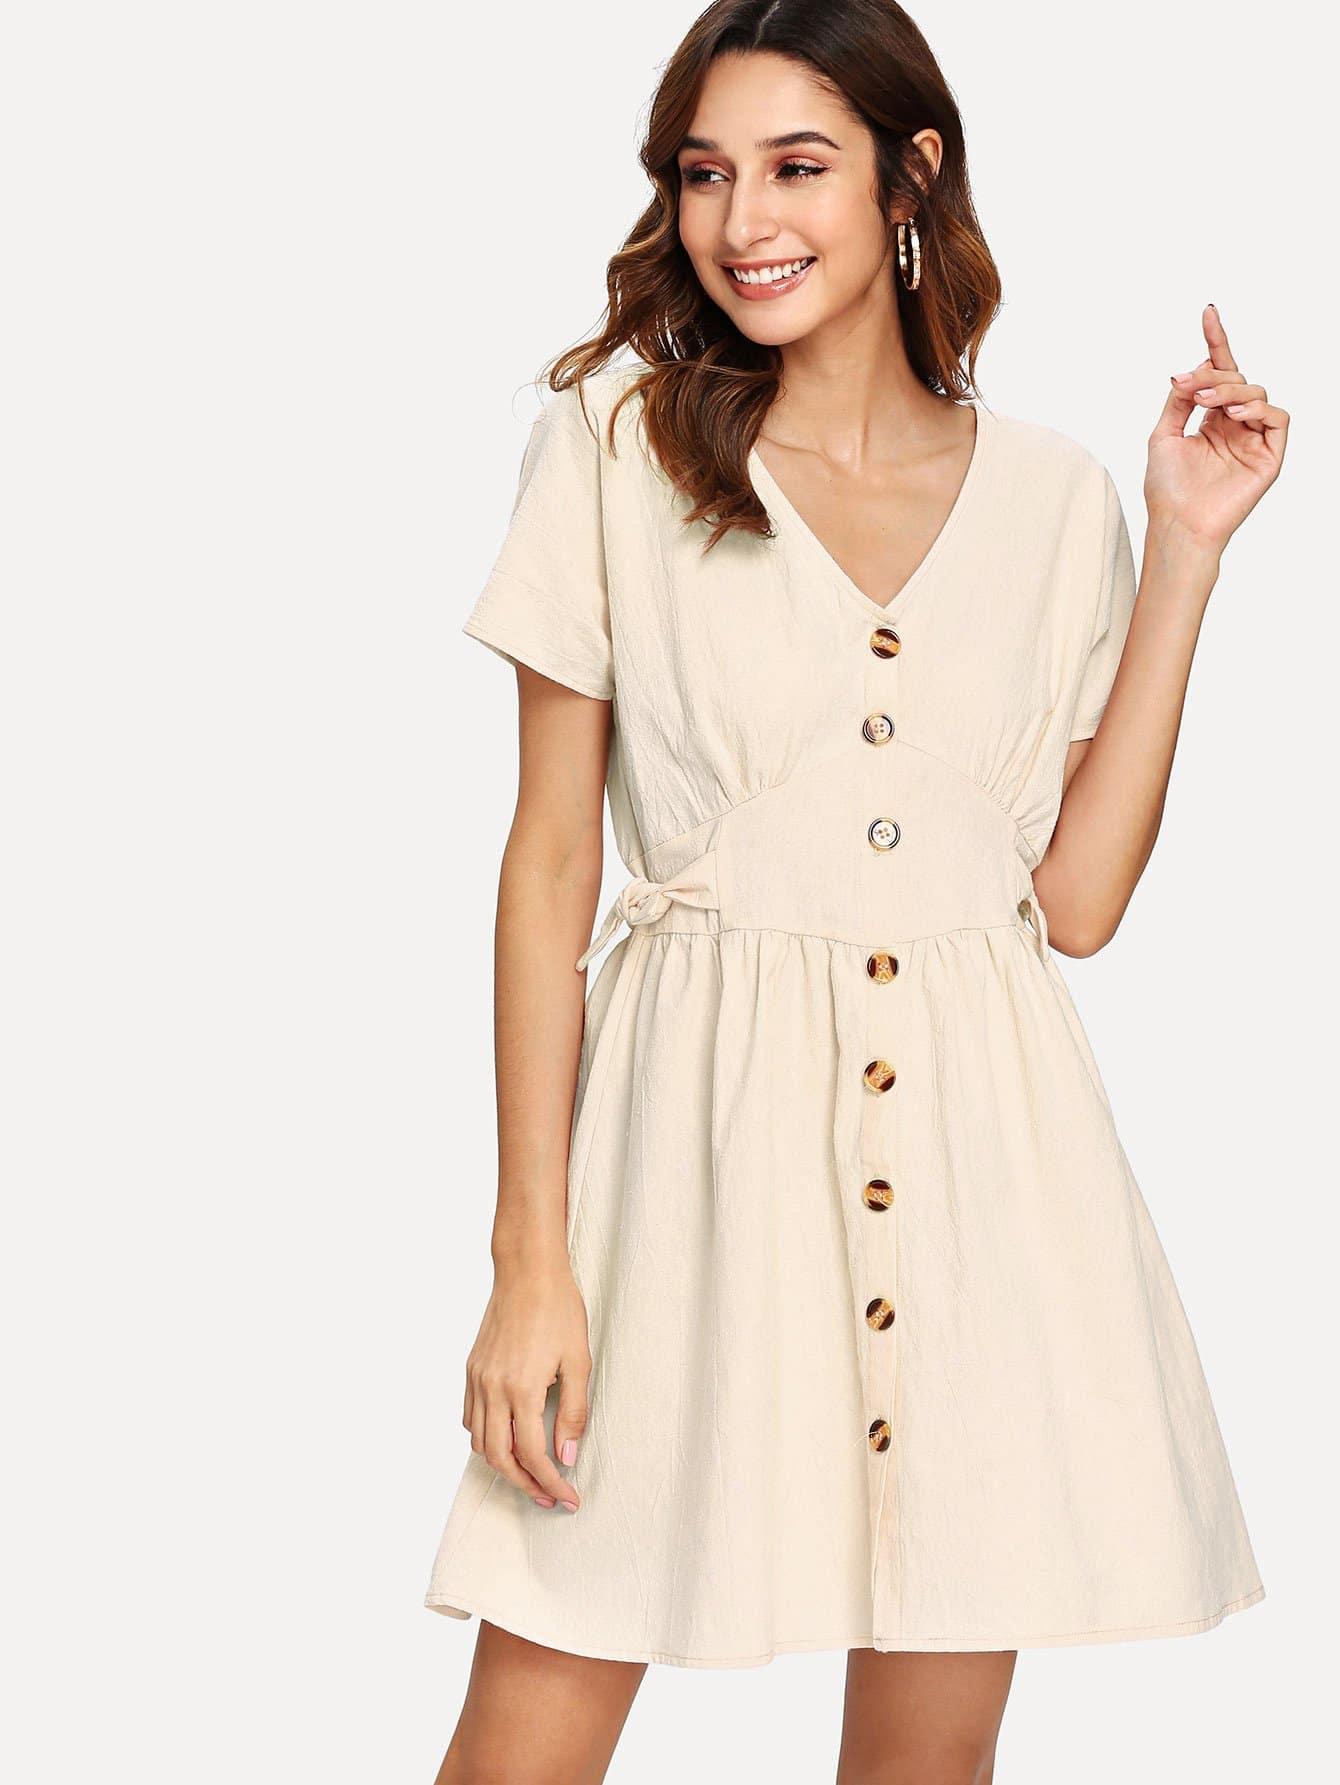 Купить Платье с V-образном вырезом и украшением пуговиц, Gabi B, SheIn